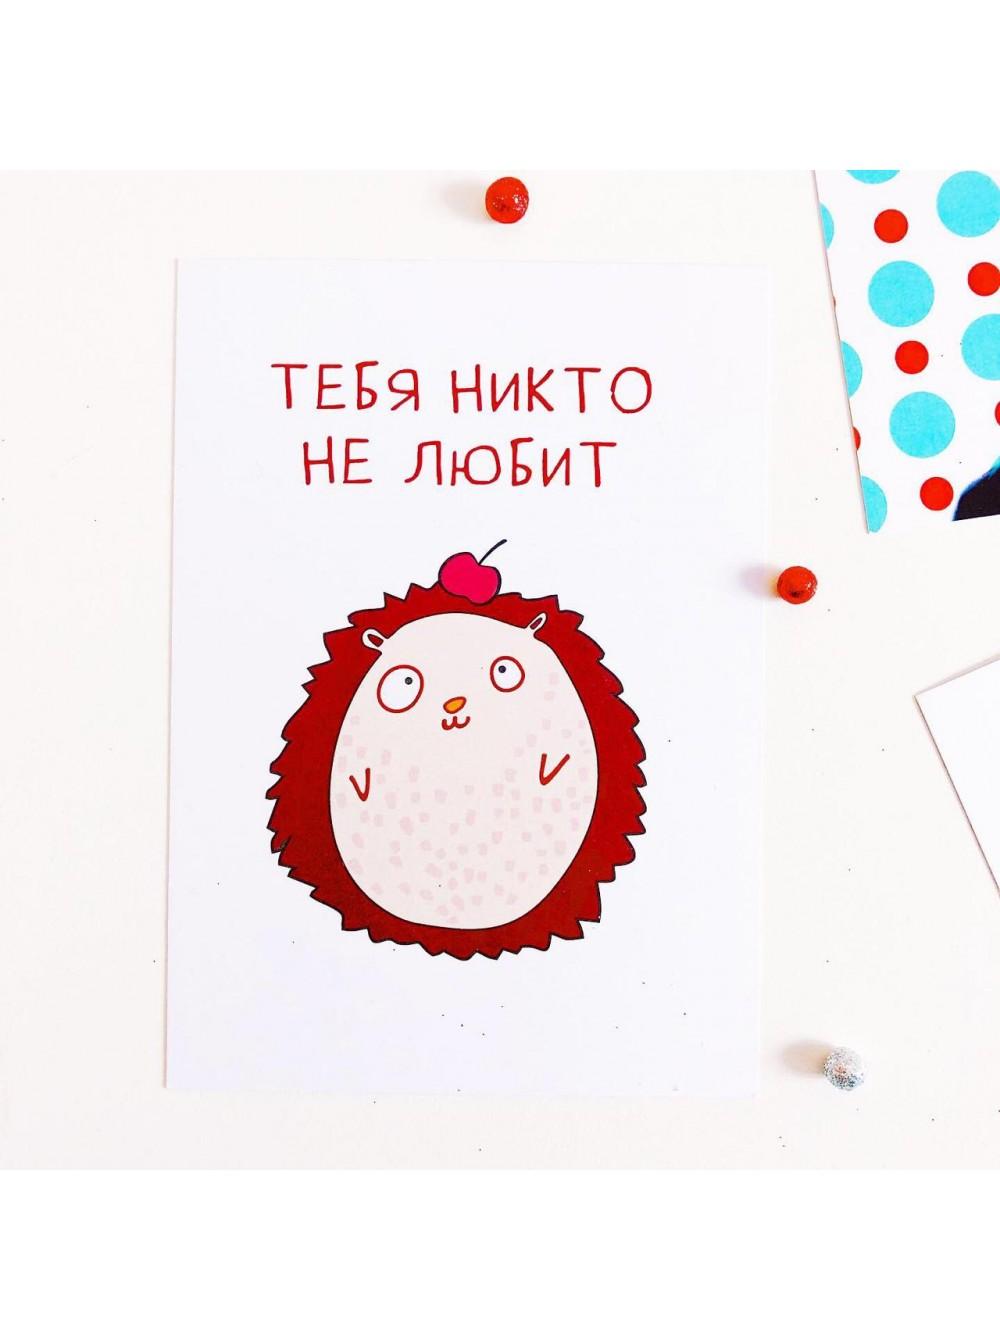 особенности открытка никто тебя не любит какой